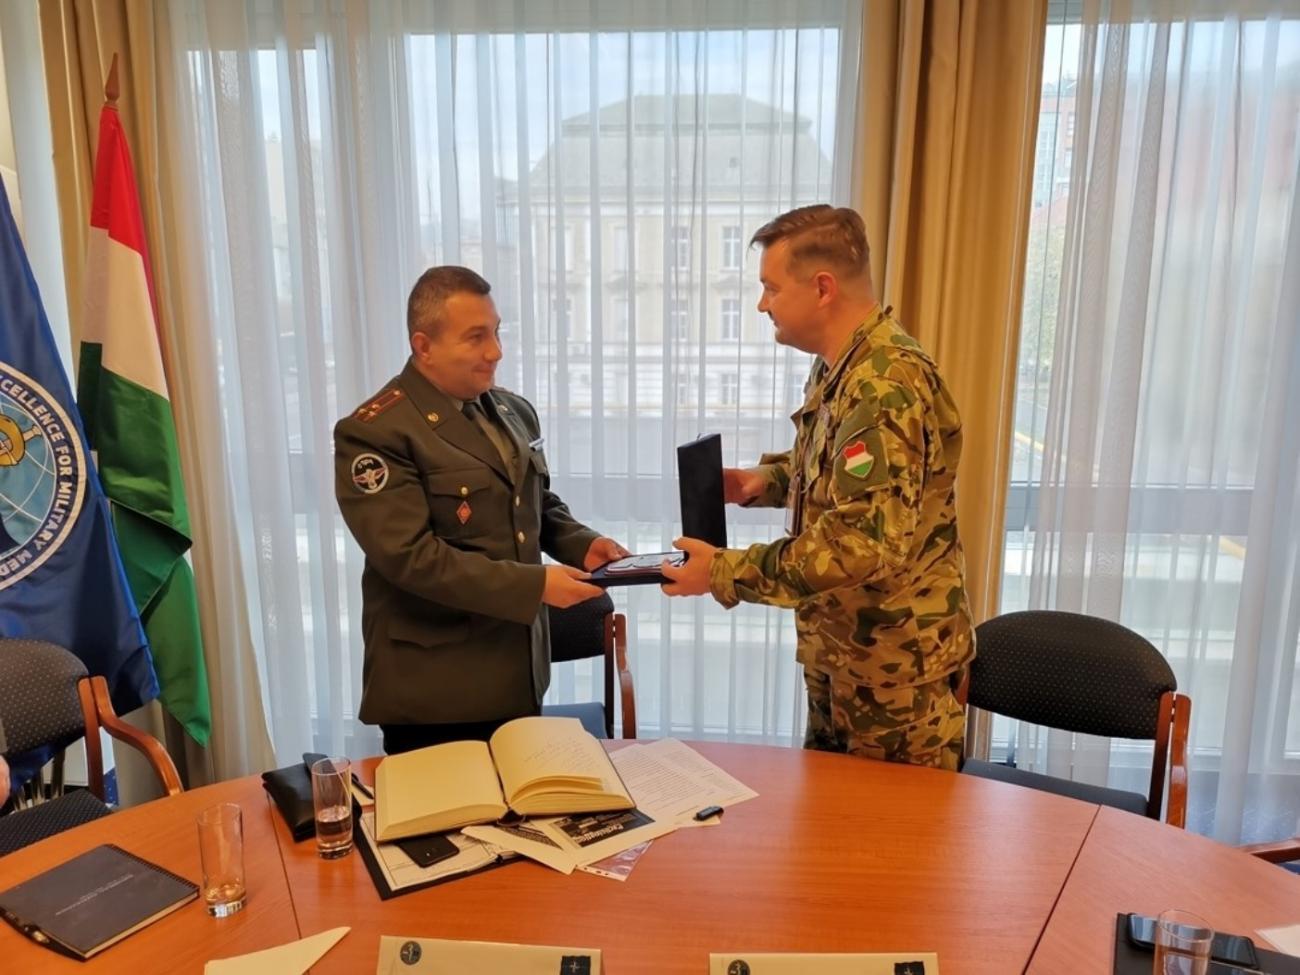 ԵՊԲՀ ռազմաբժշկական ֆակուլտետն ու ՆԱՏՕ-ի ռազմական բժշկության գերազանցության կենտրոնը կհամագործակցեն